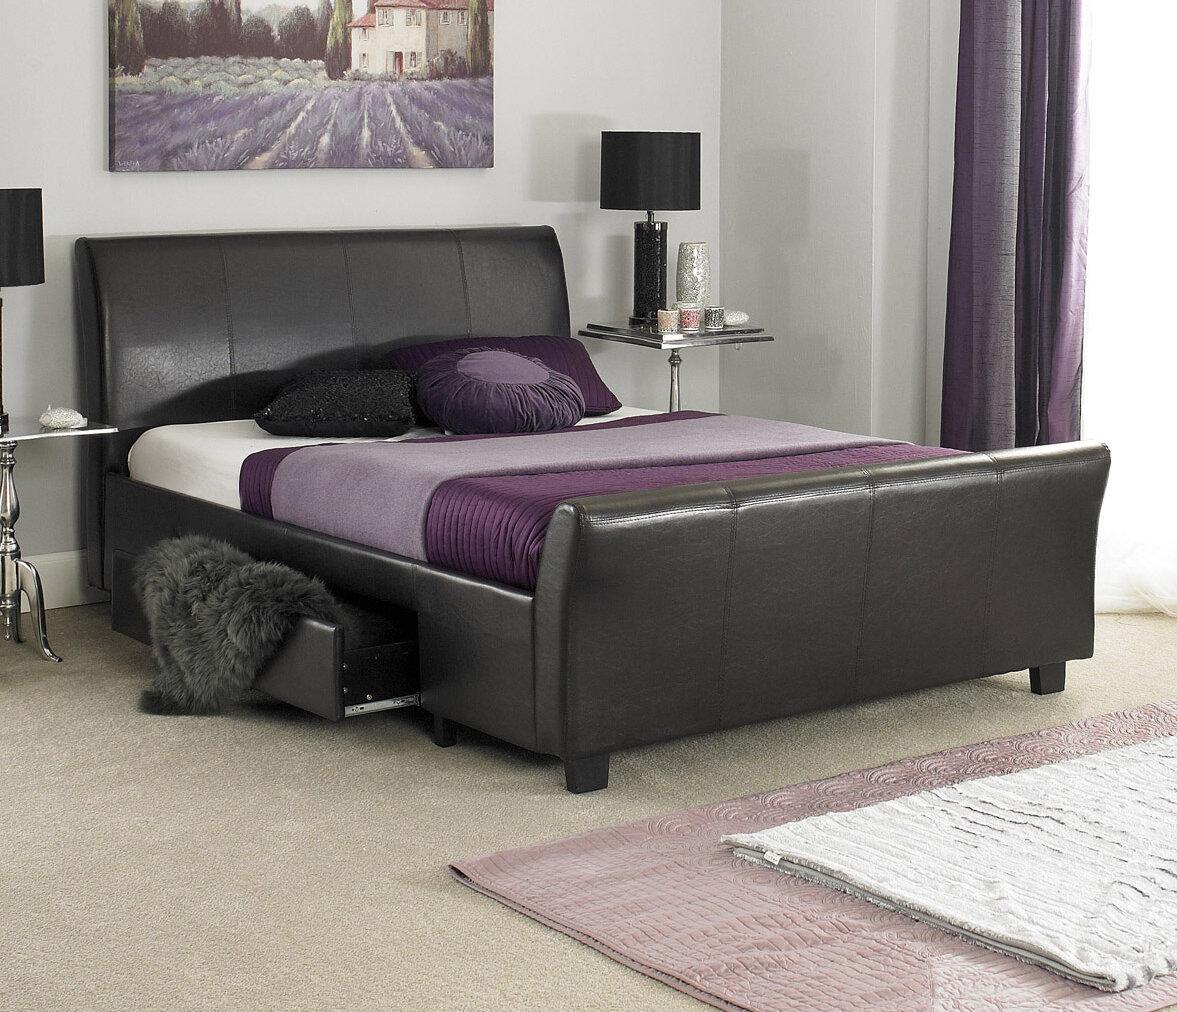 Andujar Upholstered Storage Bed Frame